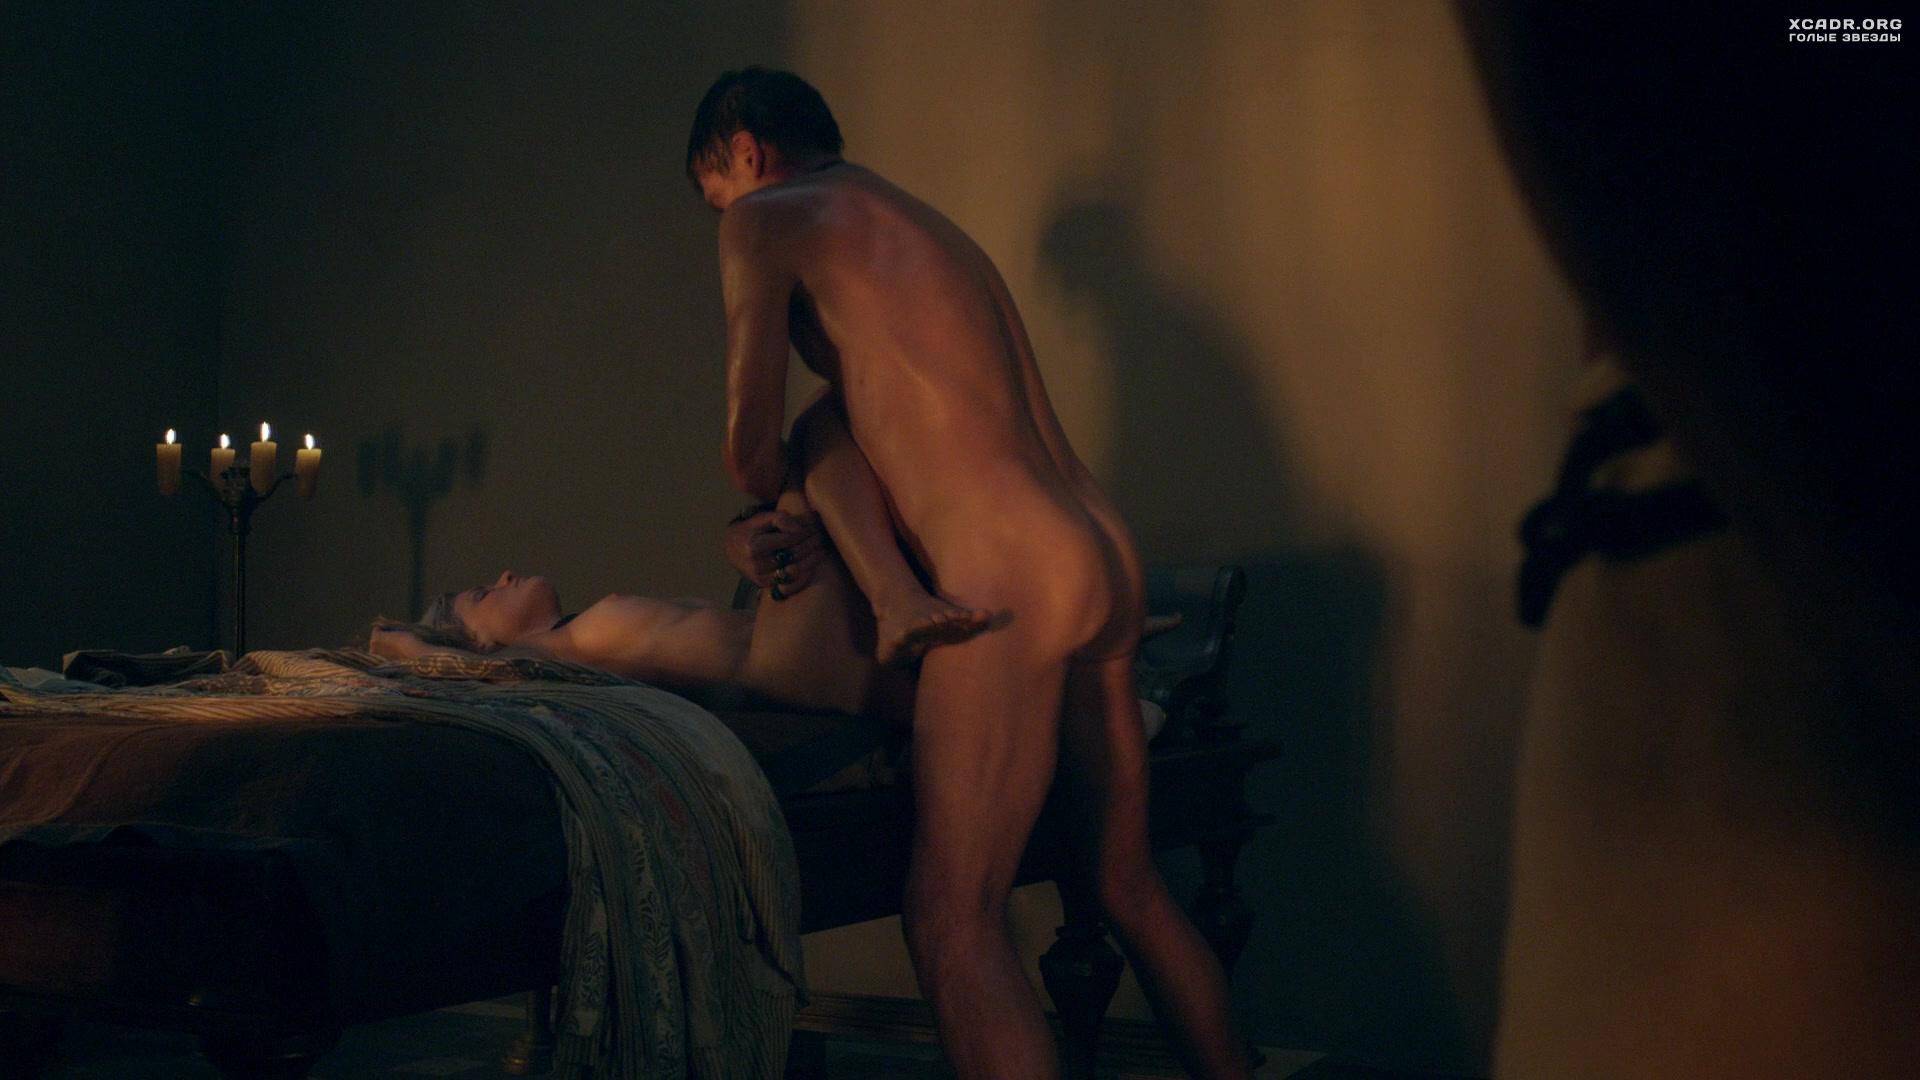 Порно видео shyla shy скачать и смотреть онлайн бесплатно ...